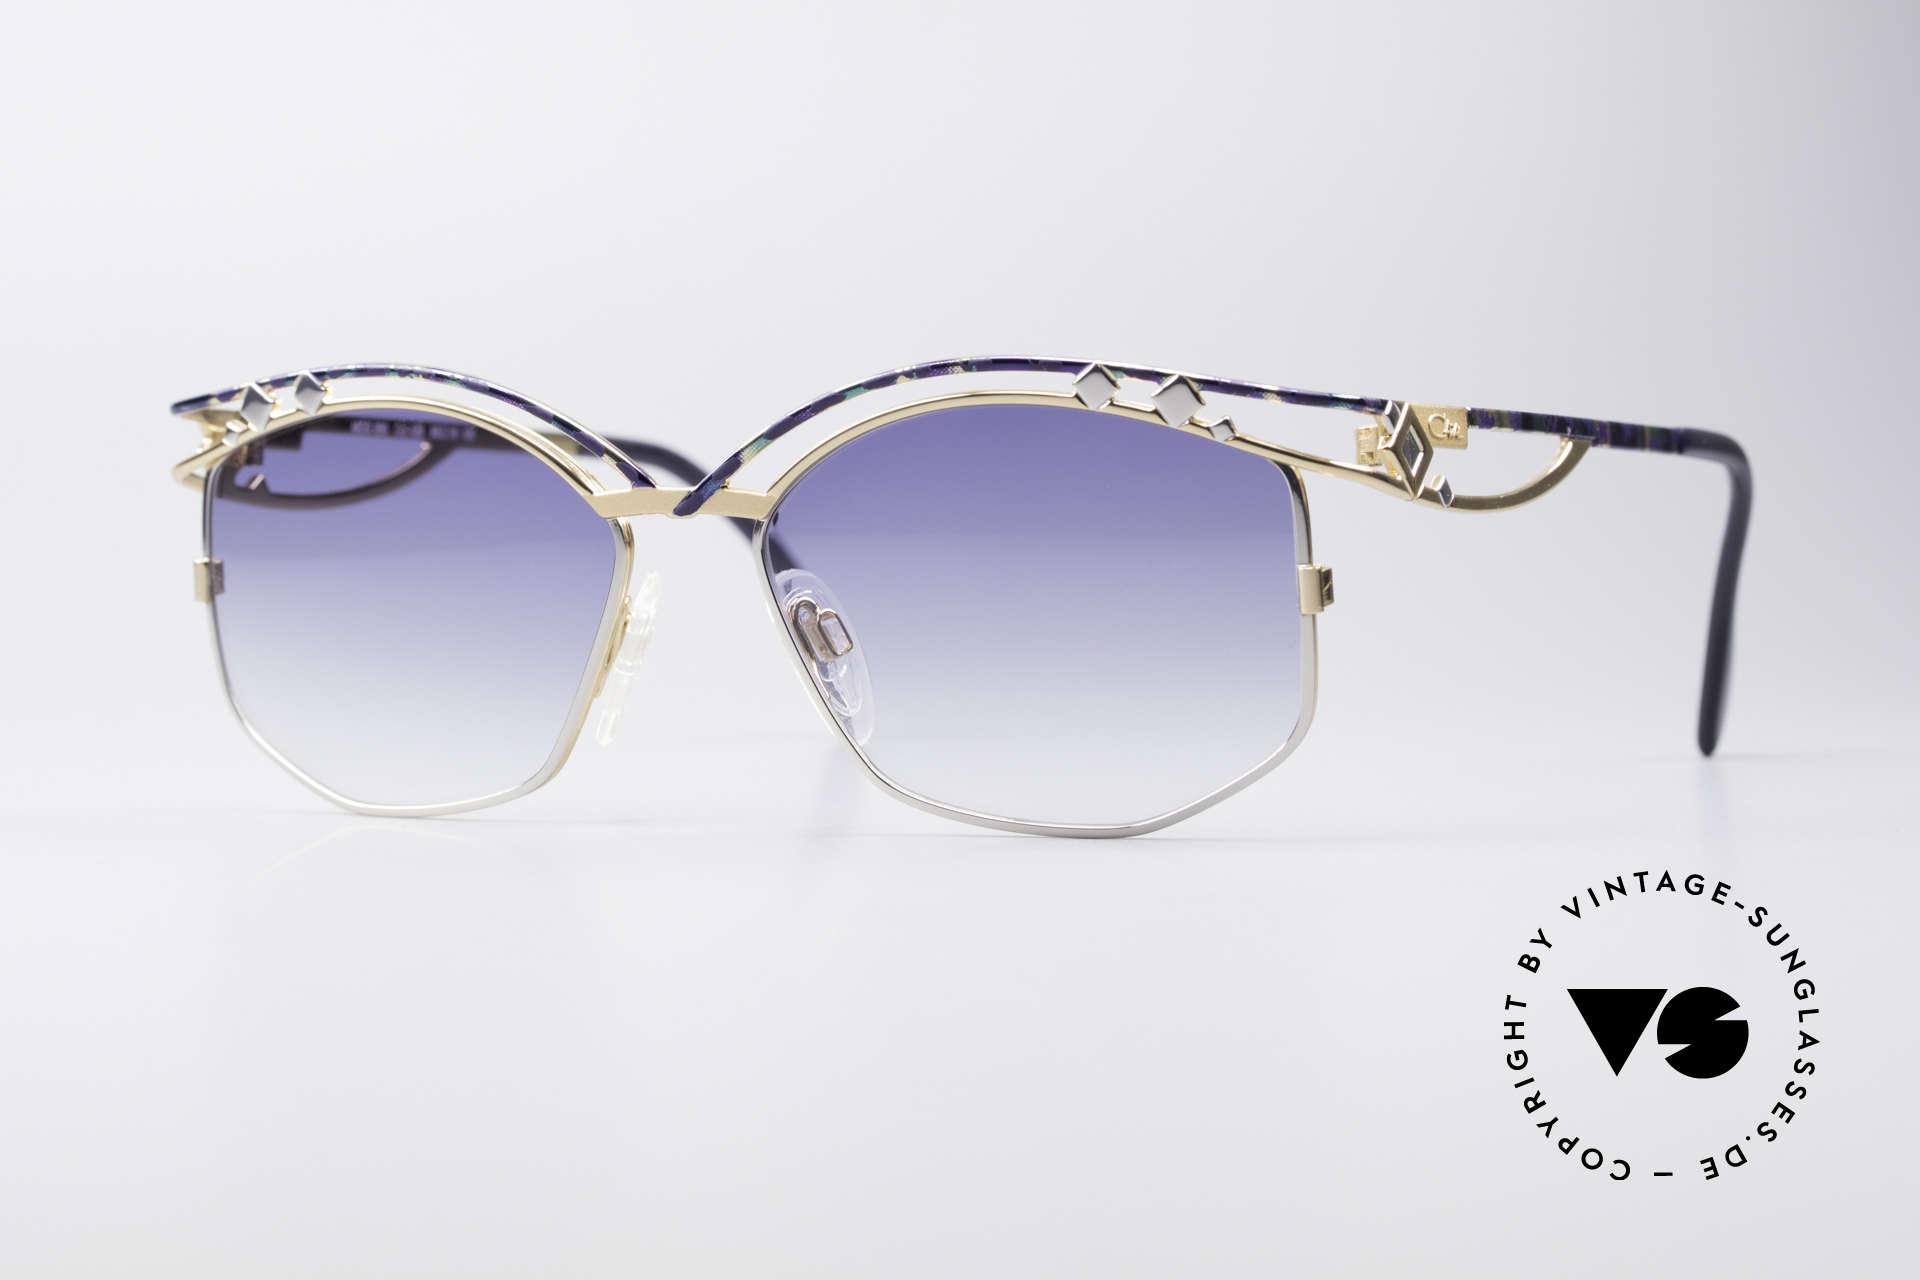 Cazal 280 Vintage Damen Sonnenbrille, echte Cazal vintage Designer-Brille von ca. 1997, Passend für Damen